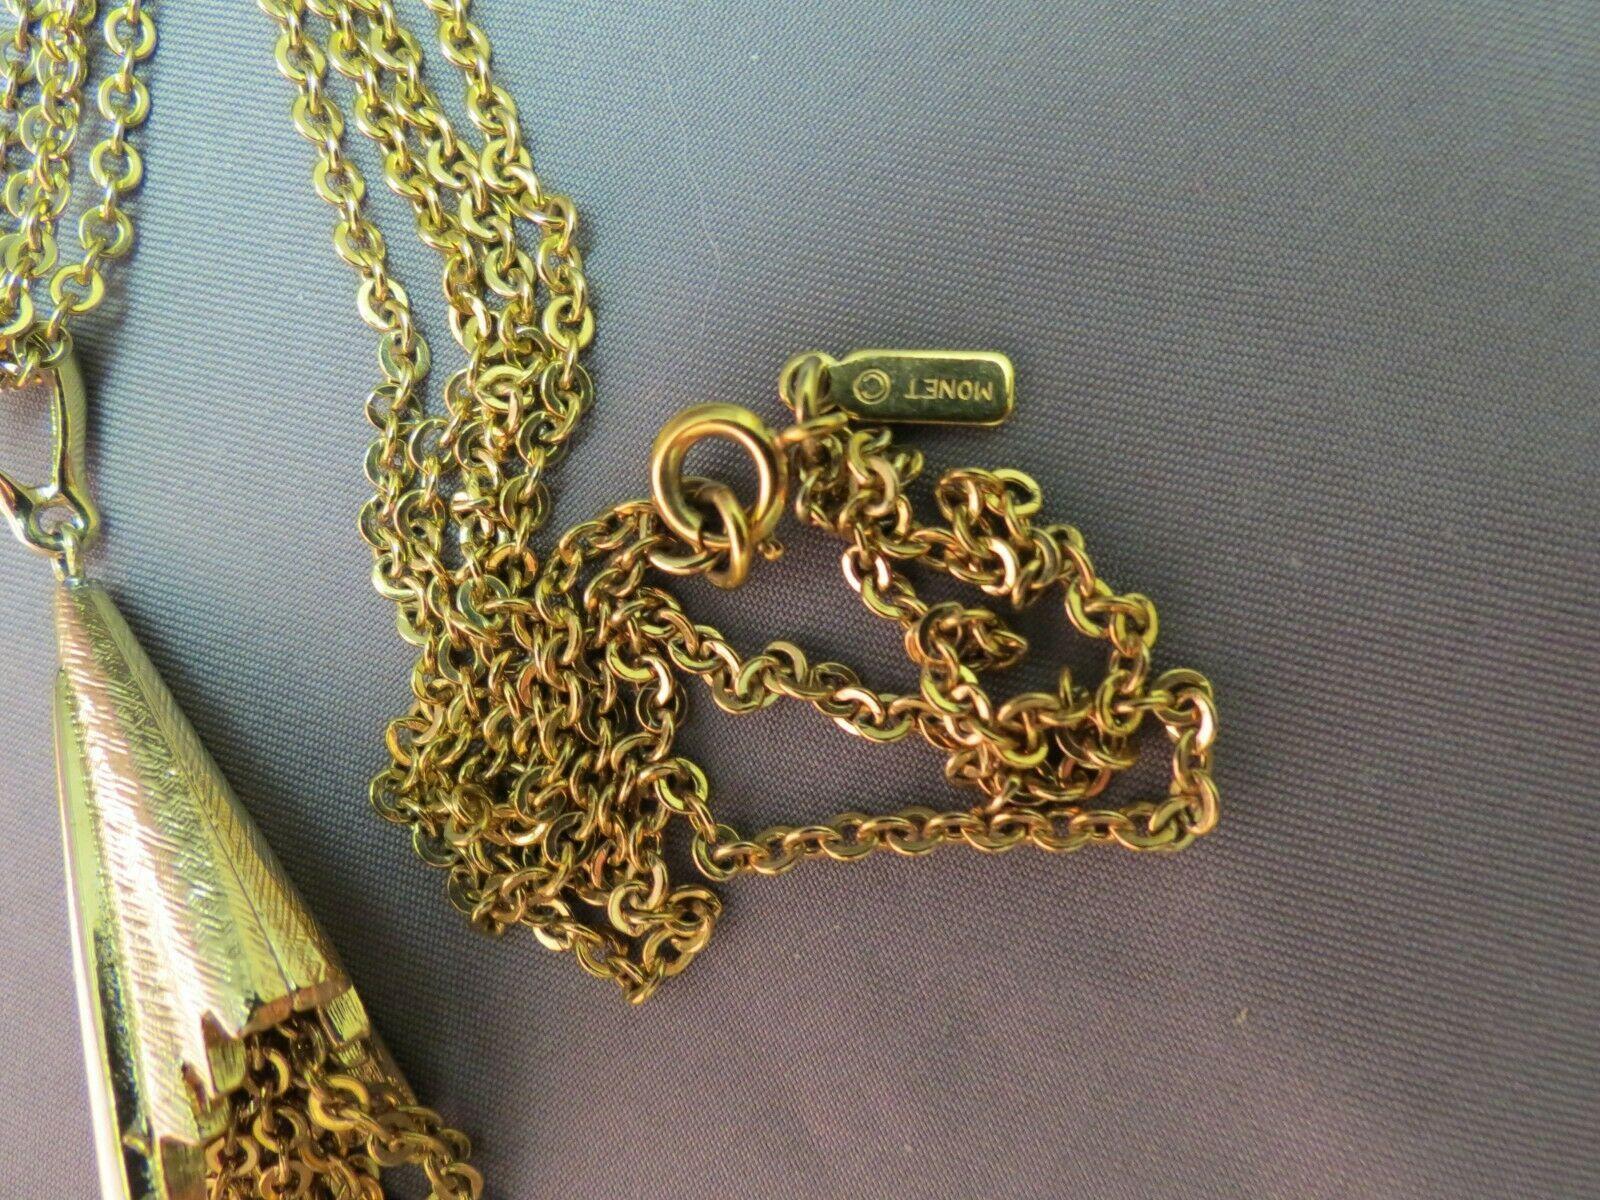 """VTG Monet Tassel Necklace Double Multi Chain Designer Gold Plated 28"""" Long image 4"""